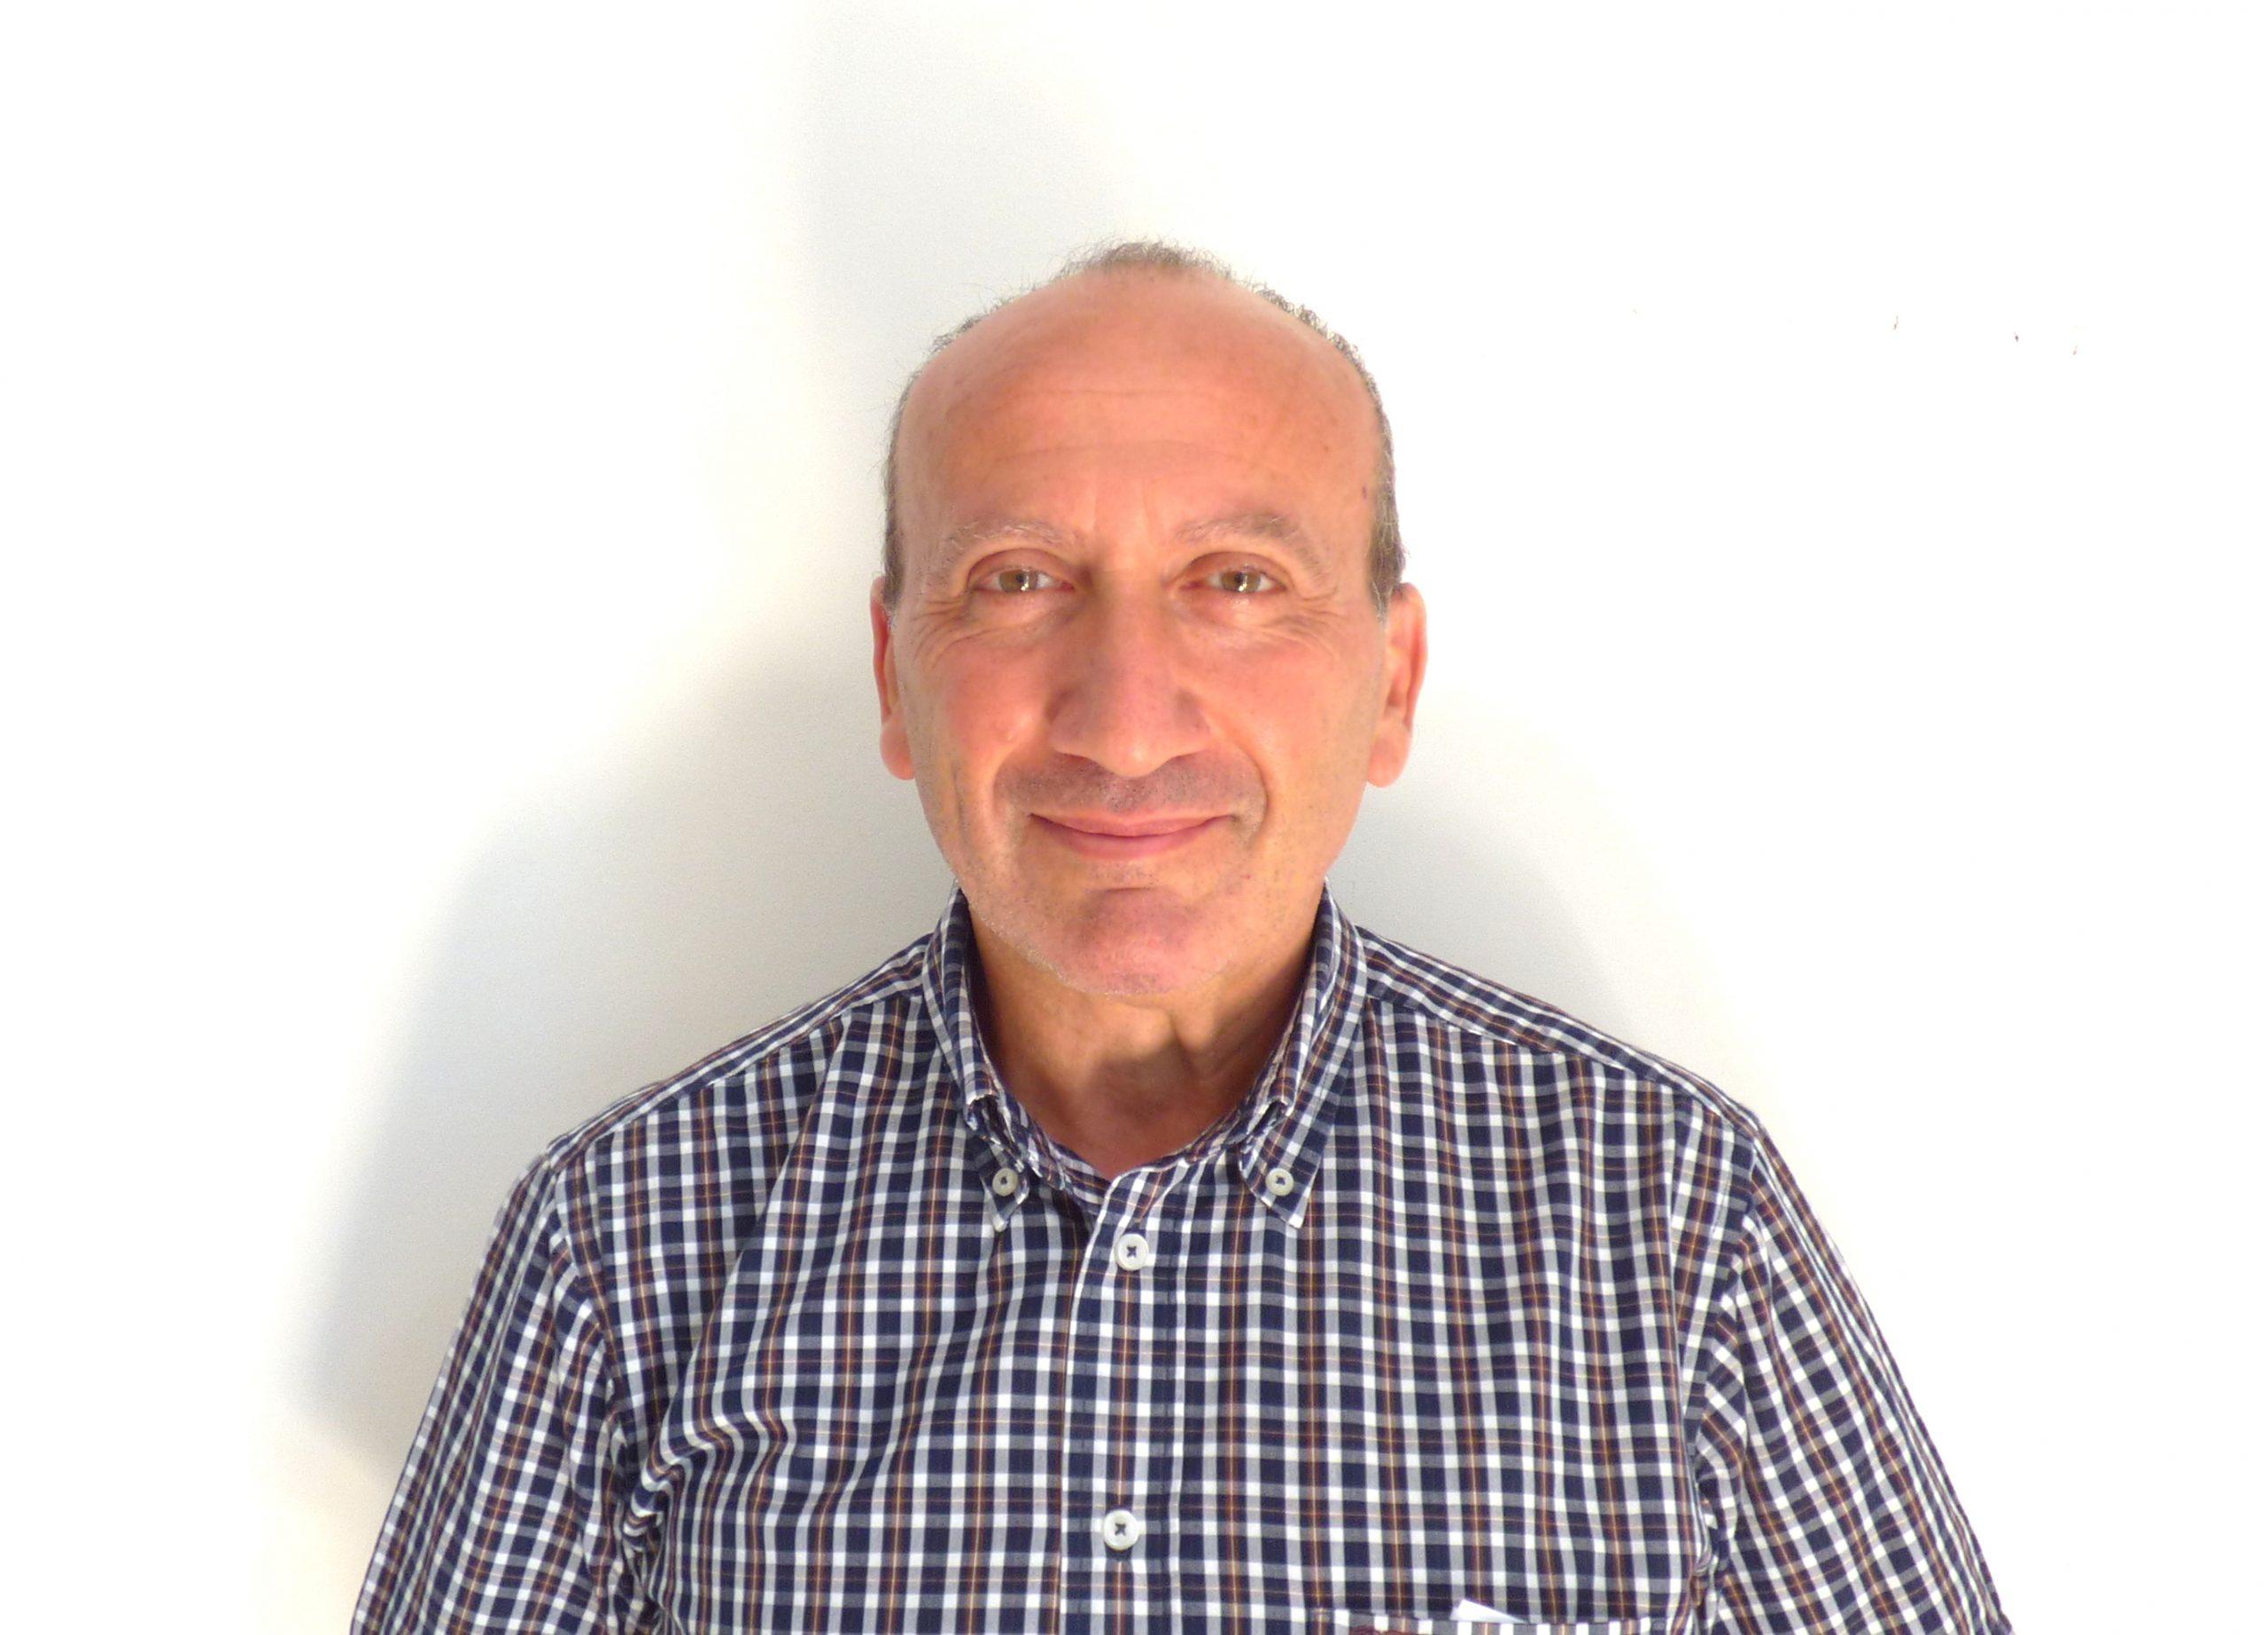 Alberto Bergamaschini